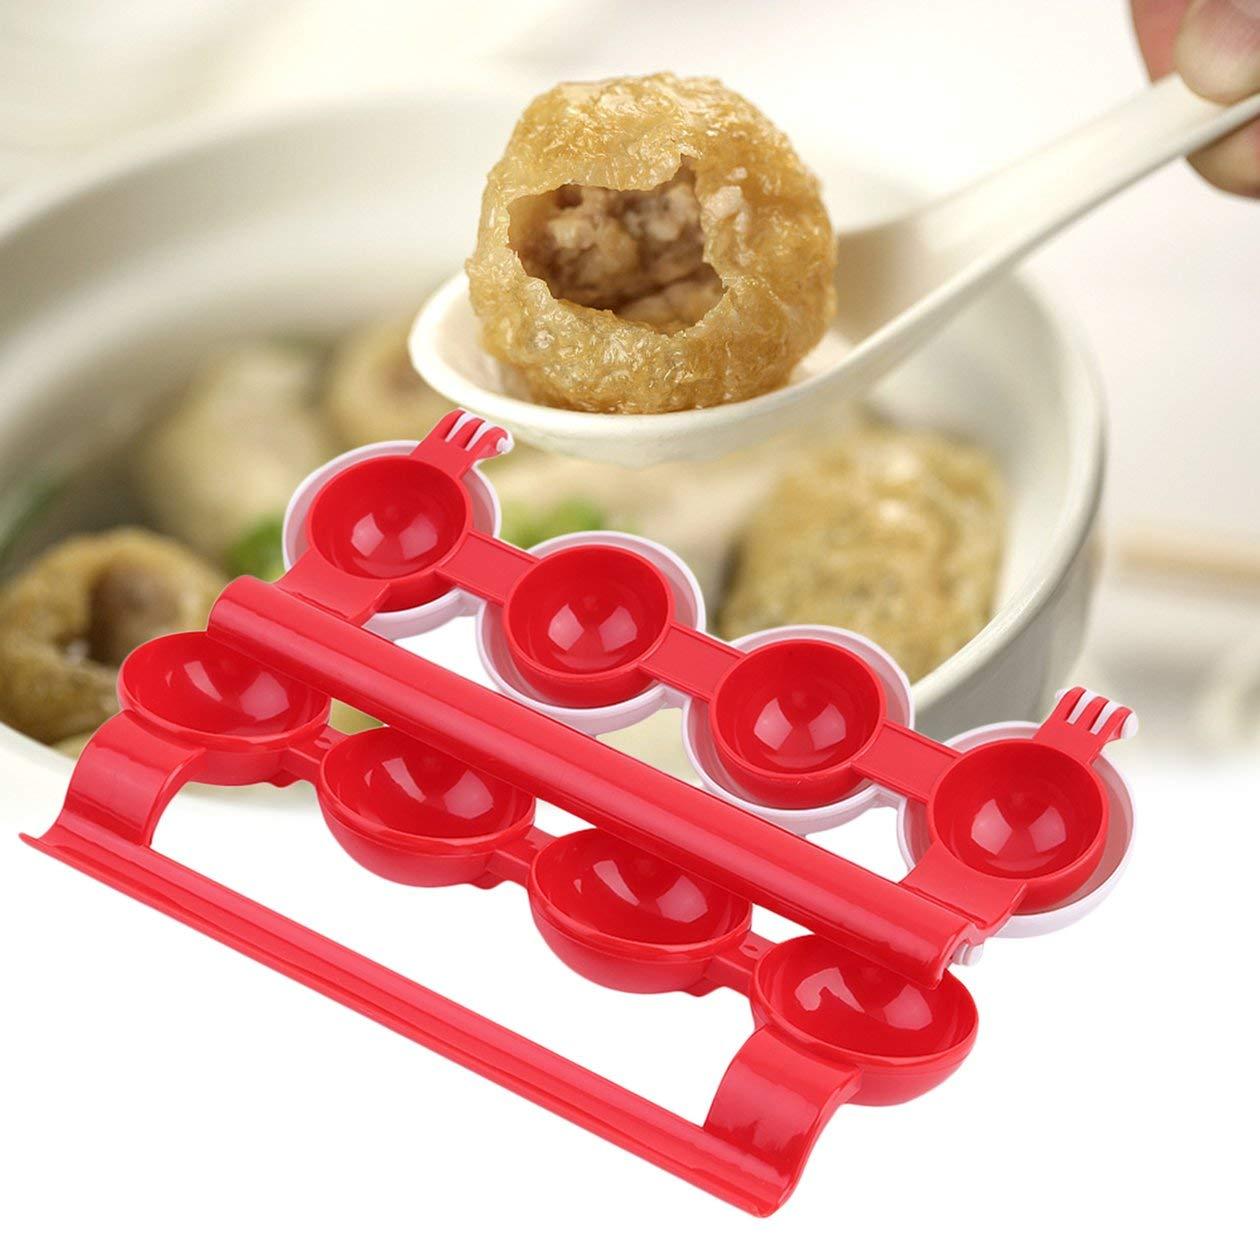 Colore: Rosso e Bianco HONGIRT Accessori Speciali per la Cucina per la casa Polpette in plastica per polpette di Pesce Stampi Polpette di Carne ripiene Fai da Te